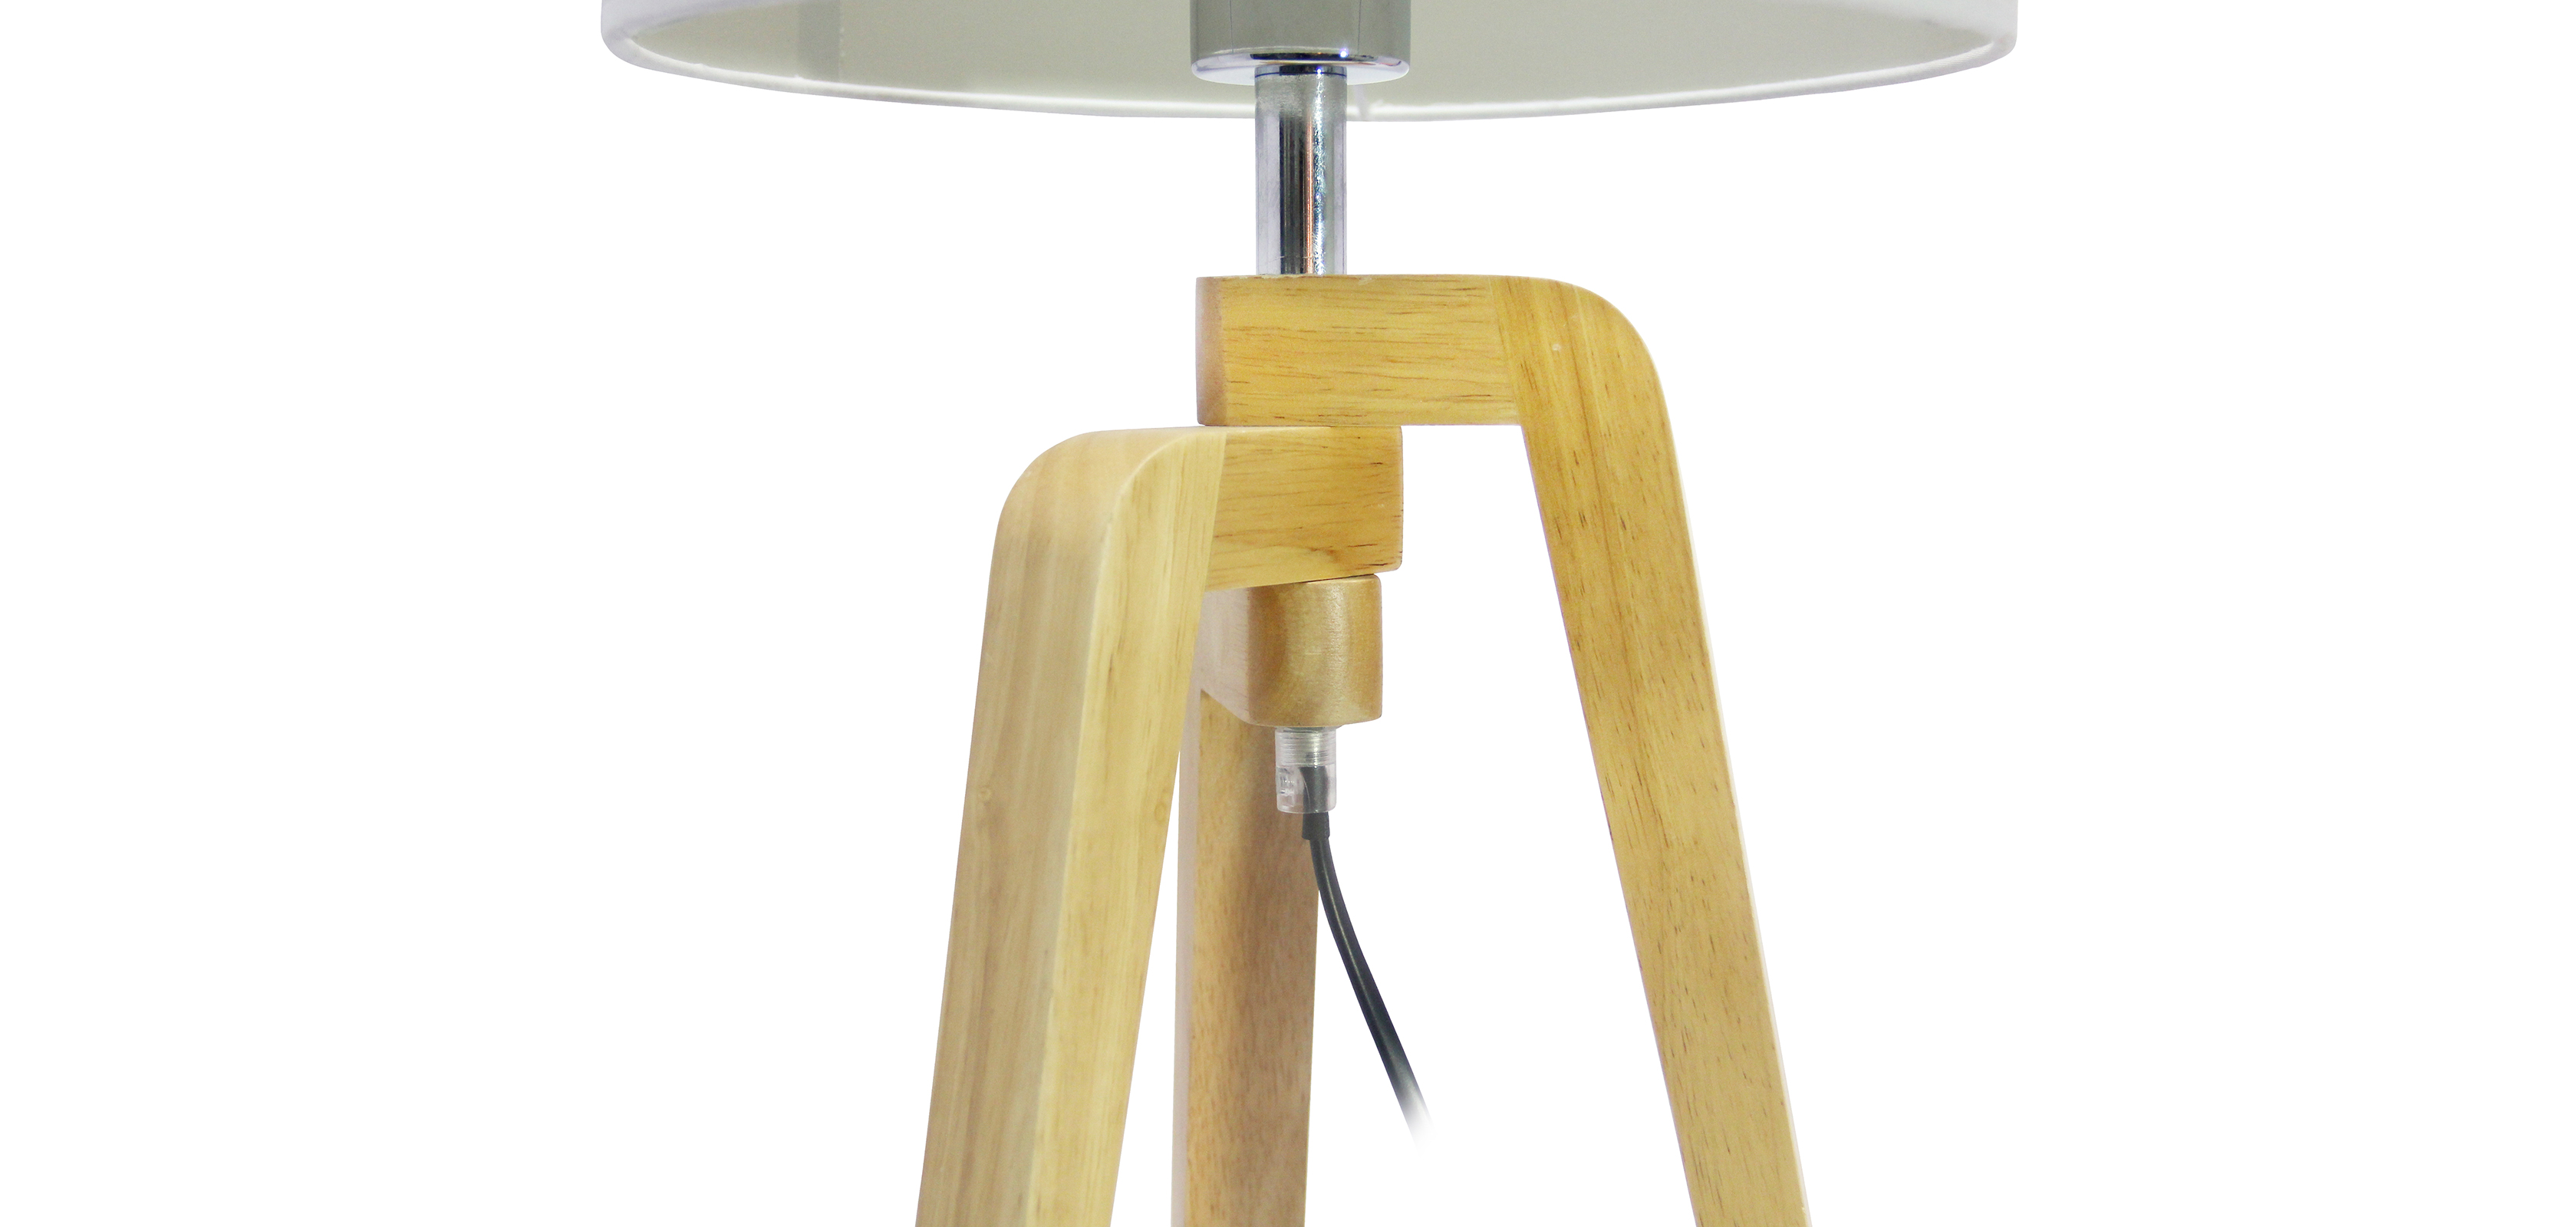 lampe de bureau tr pied pur style nordique bois. Black Bedroom Furniture Sets. Home Design Ideas